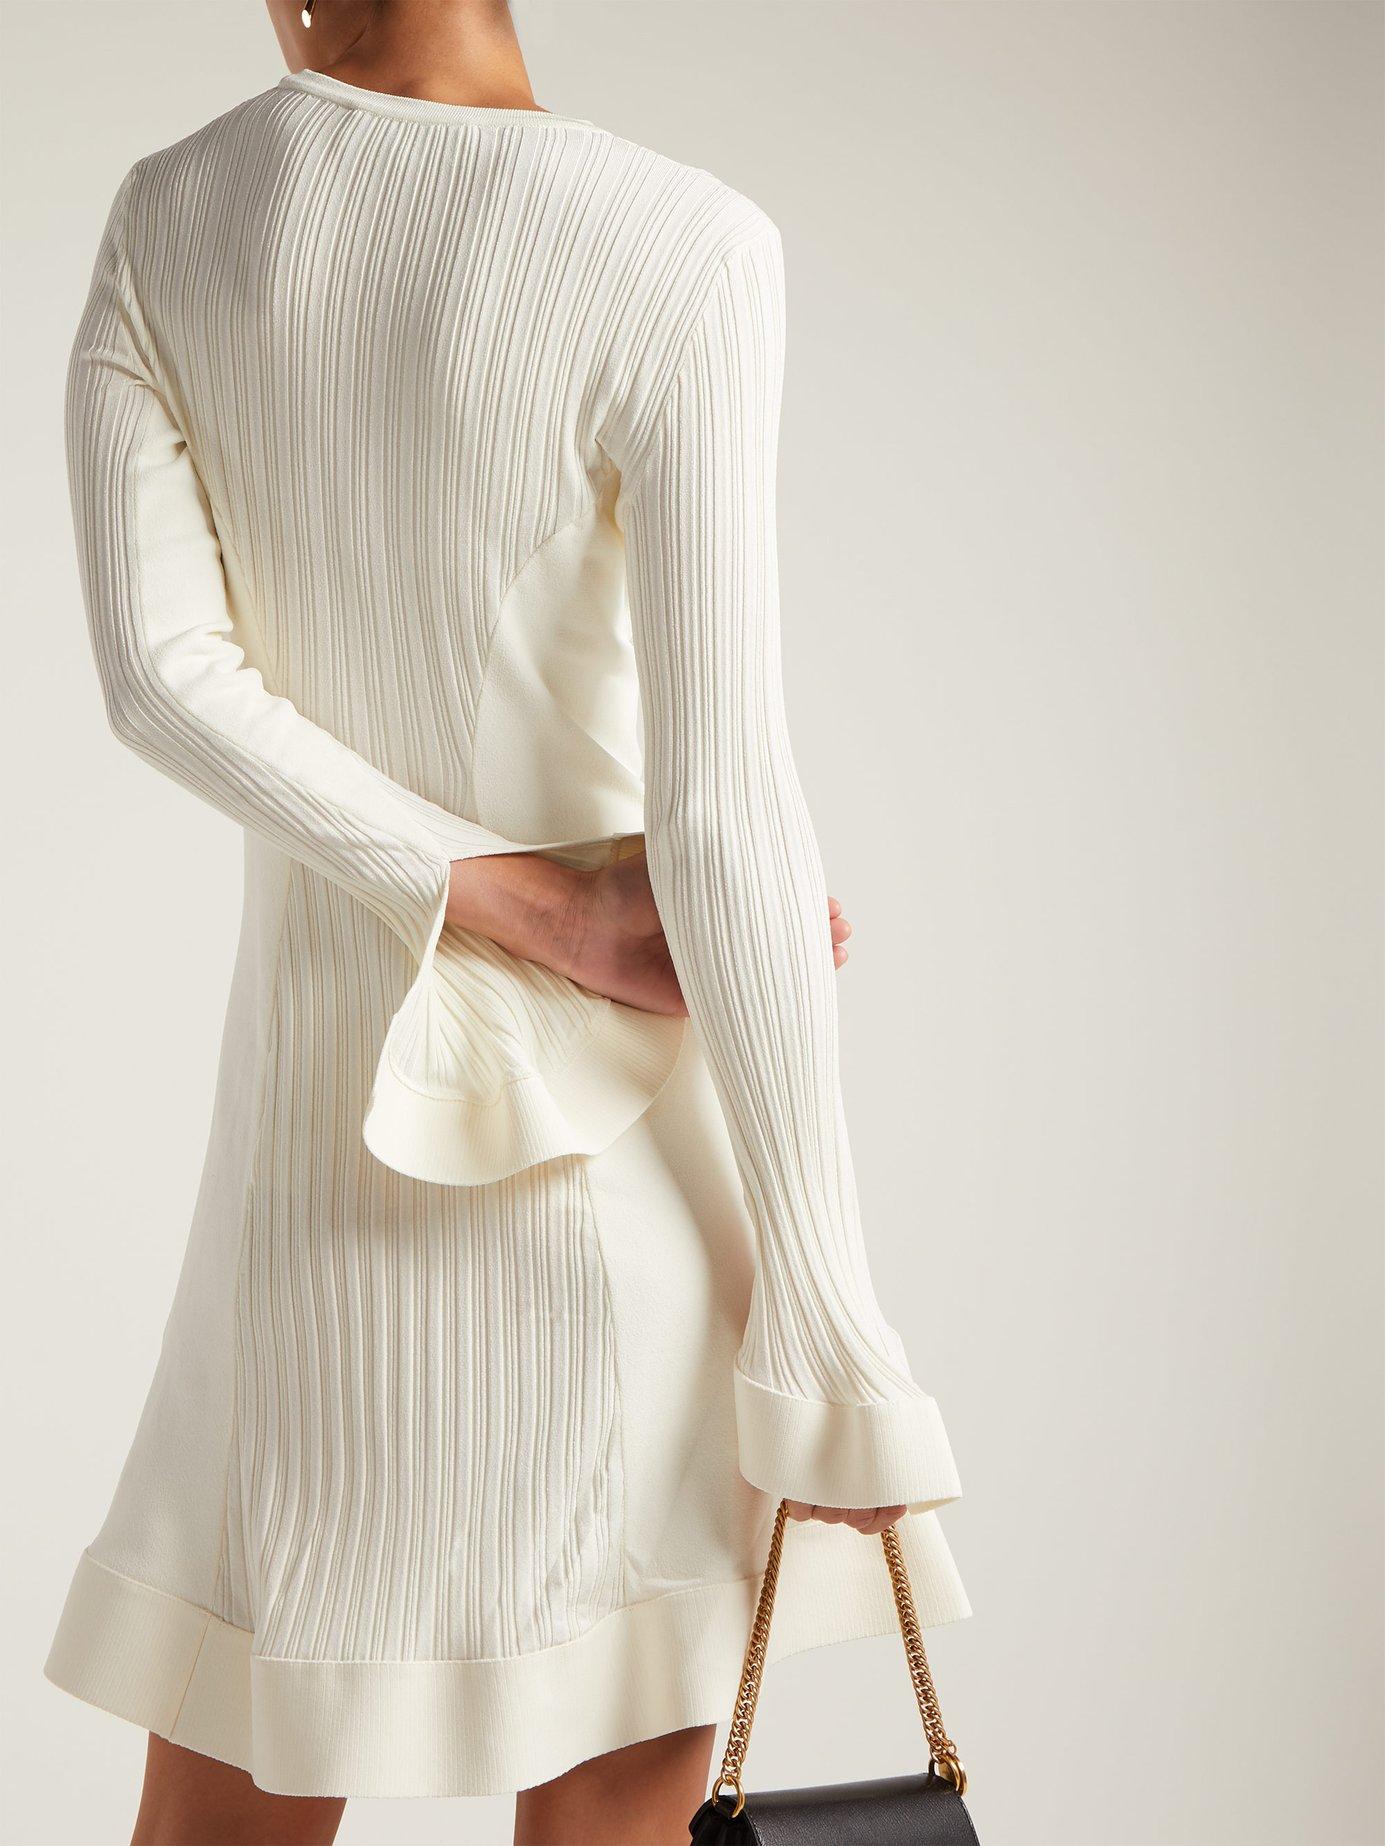 Rib-knit fluted midi dress by